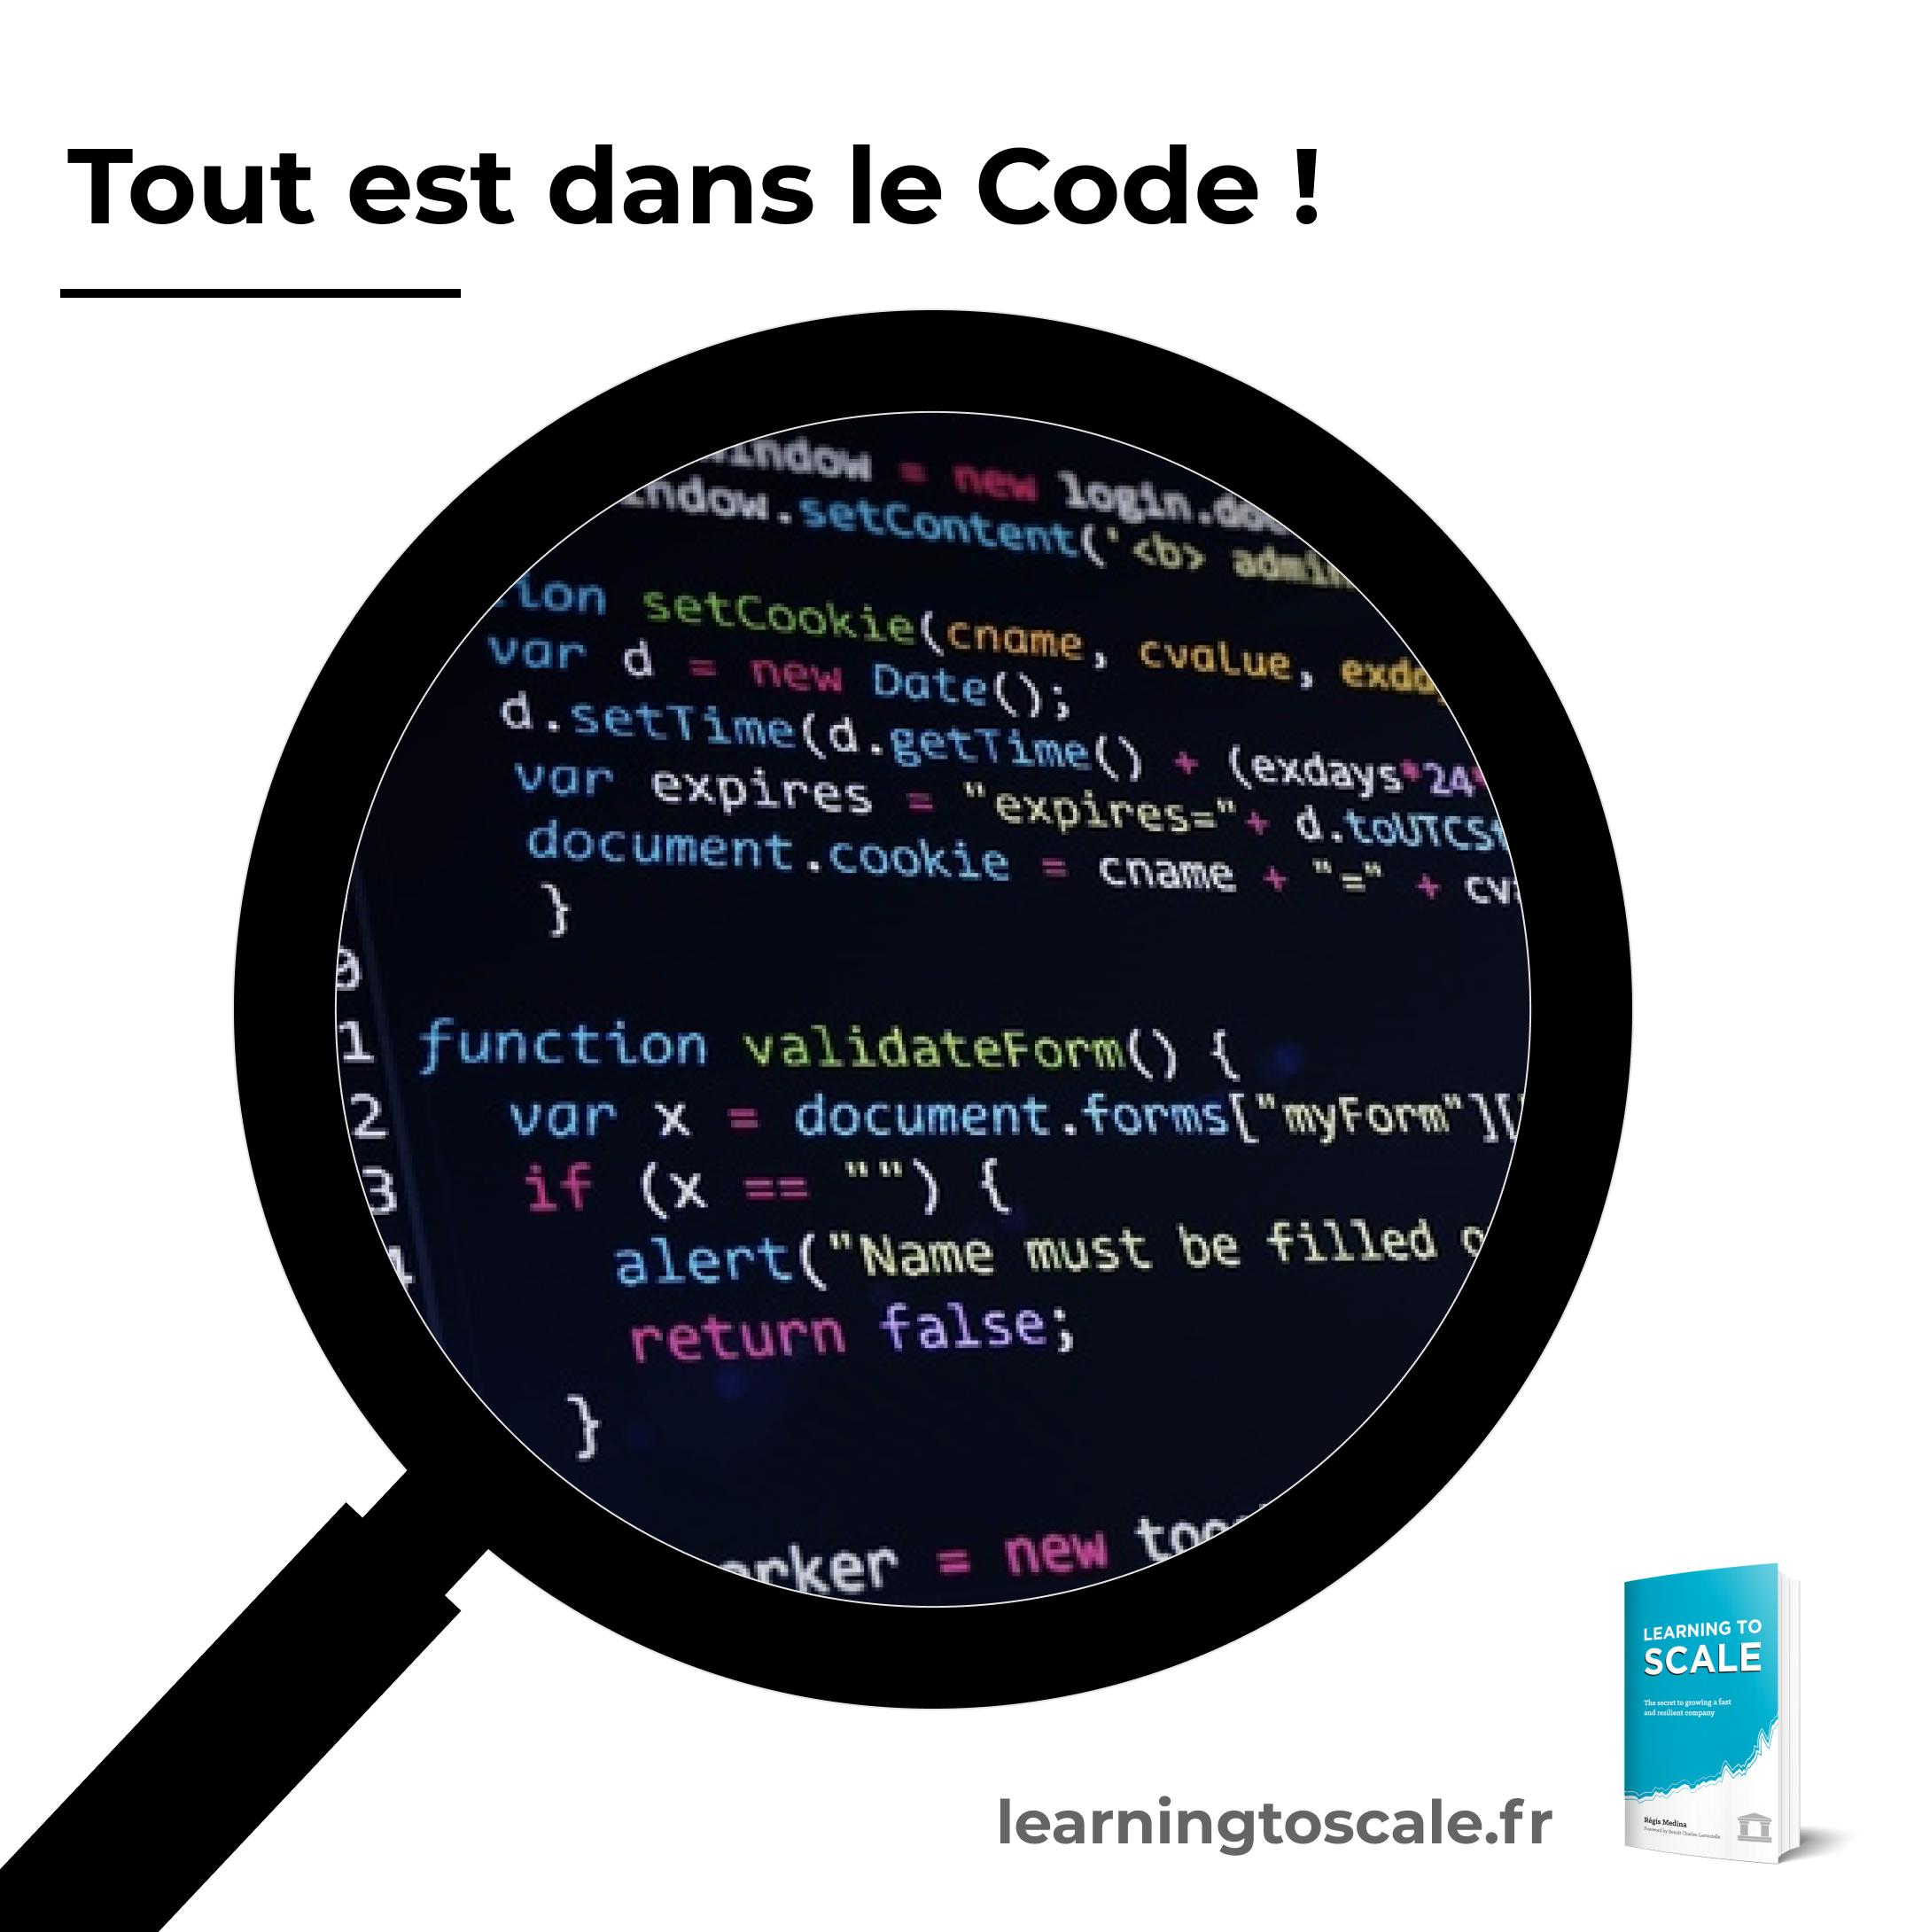 Tout est dans le Code !